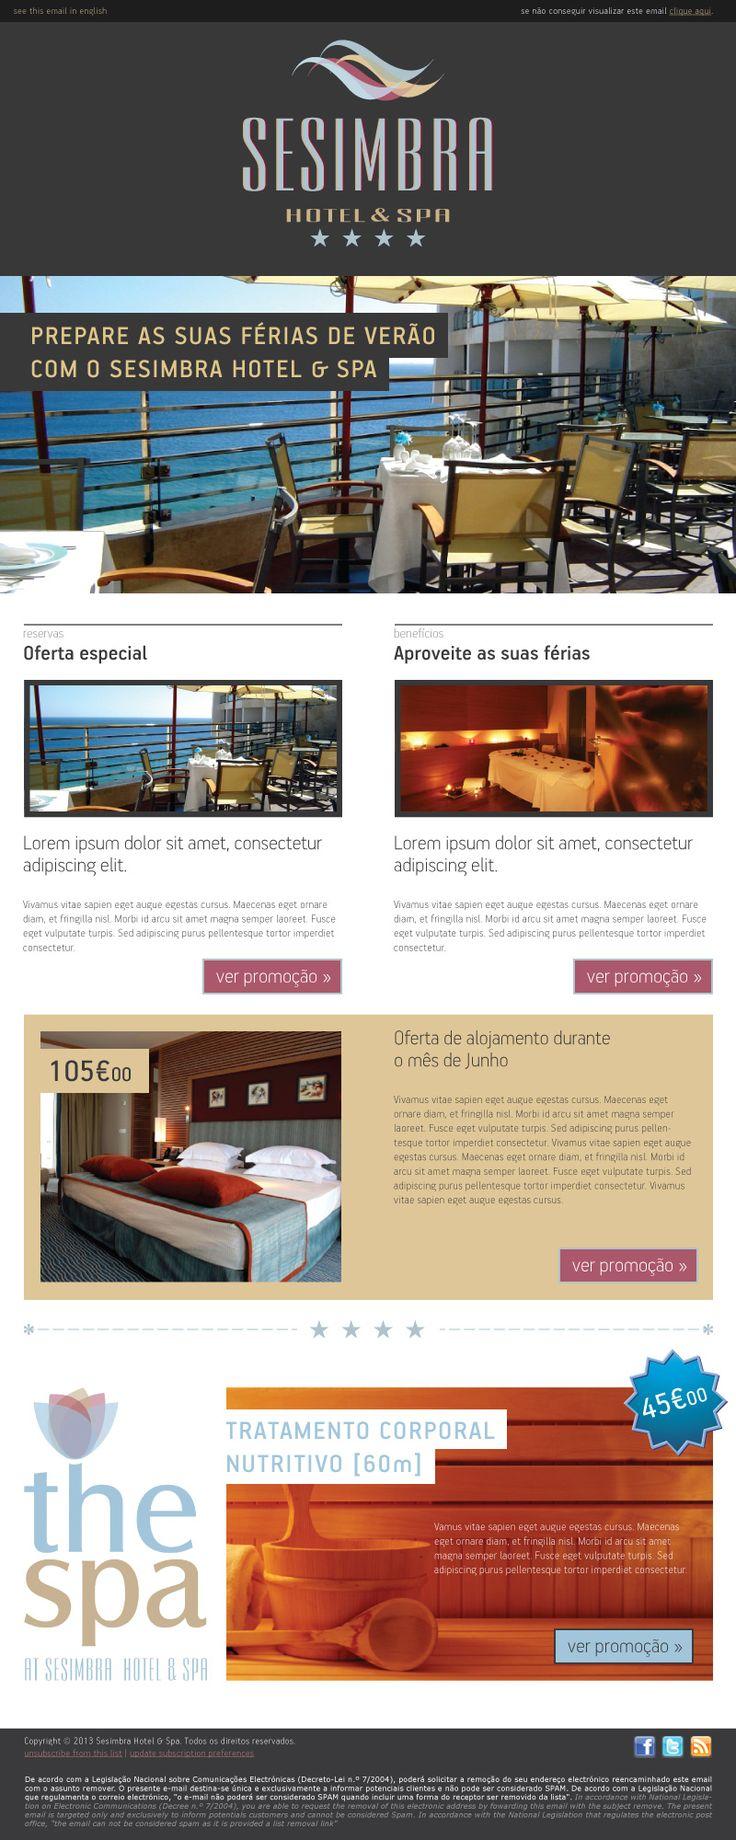 Sesimbra hotel newsletter!